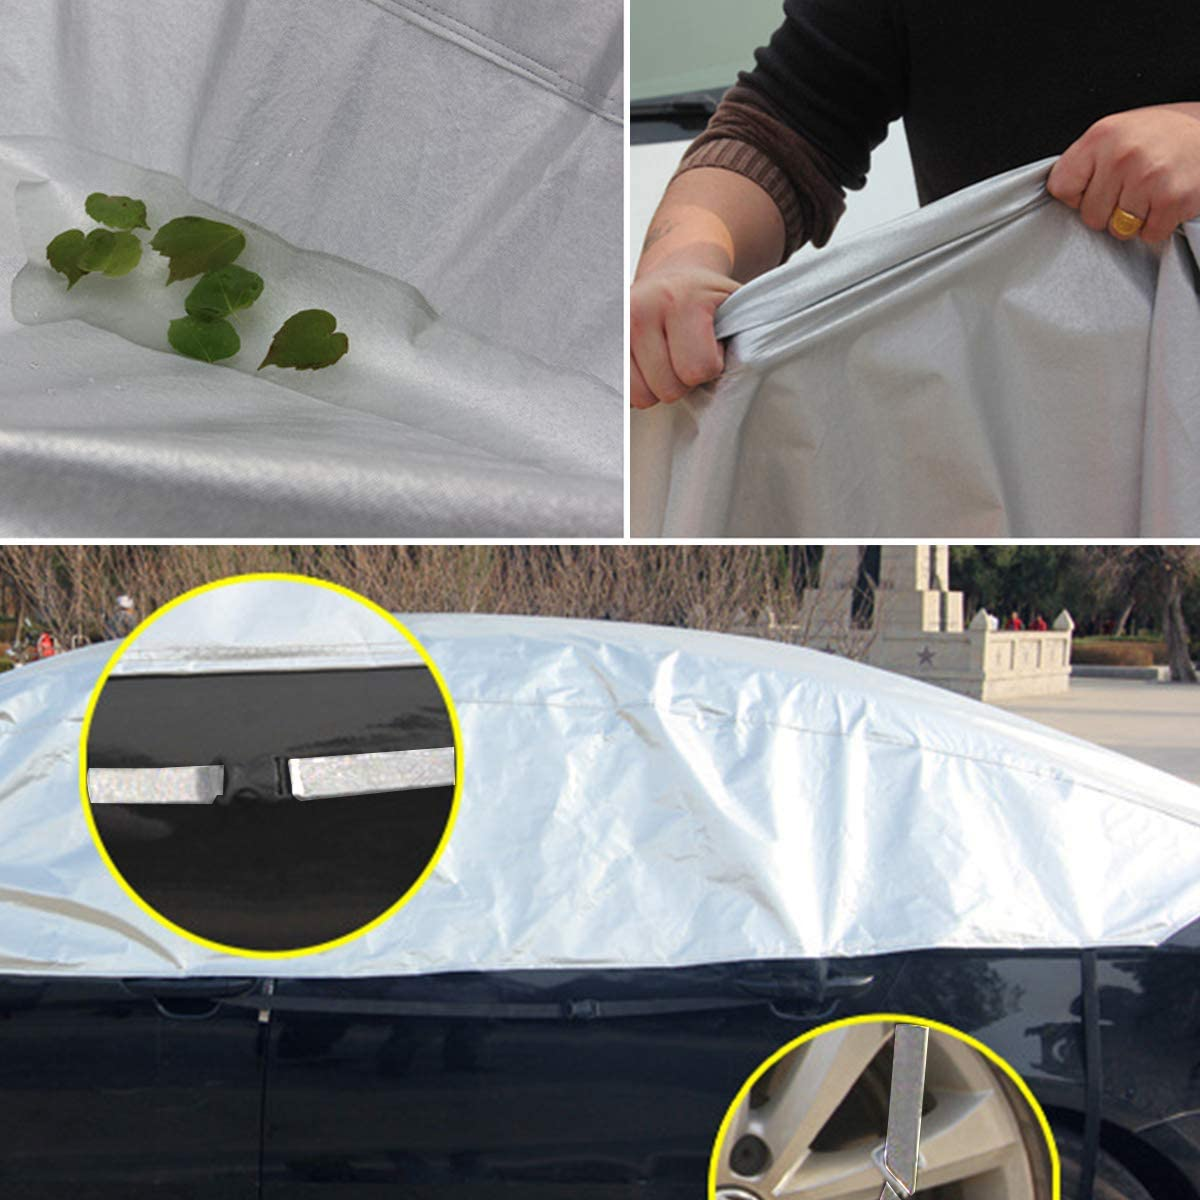 Rehomy Protezione dai Raggi UV Telo Protettivo per Auto Antipolvere Universale per met/à Auto